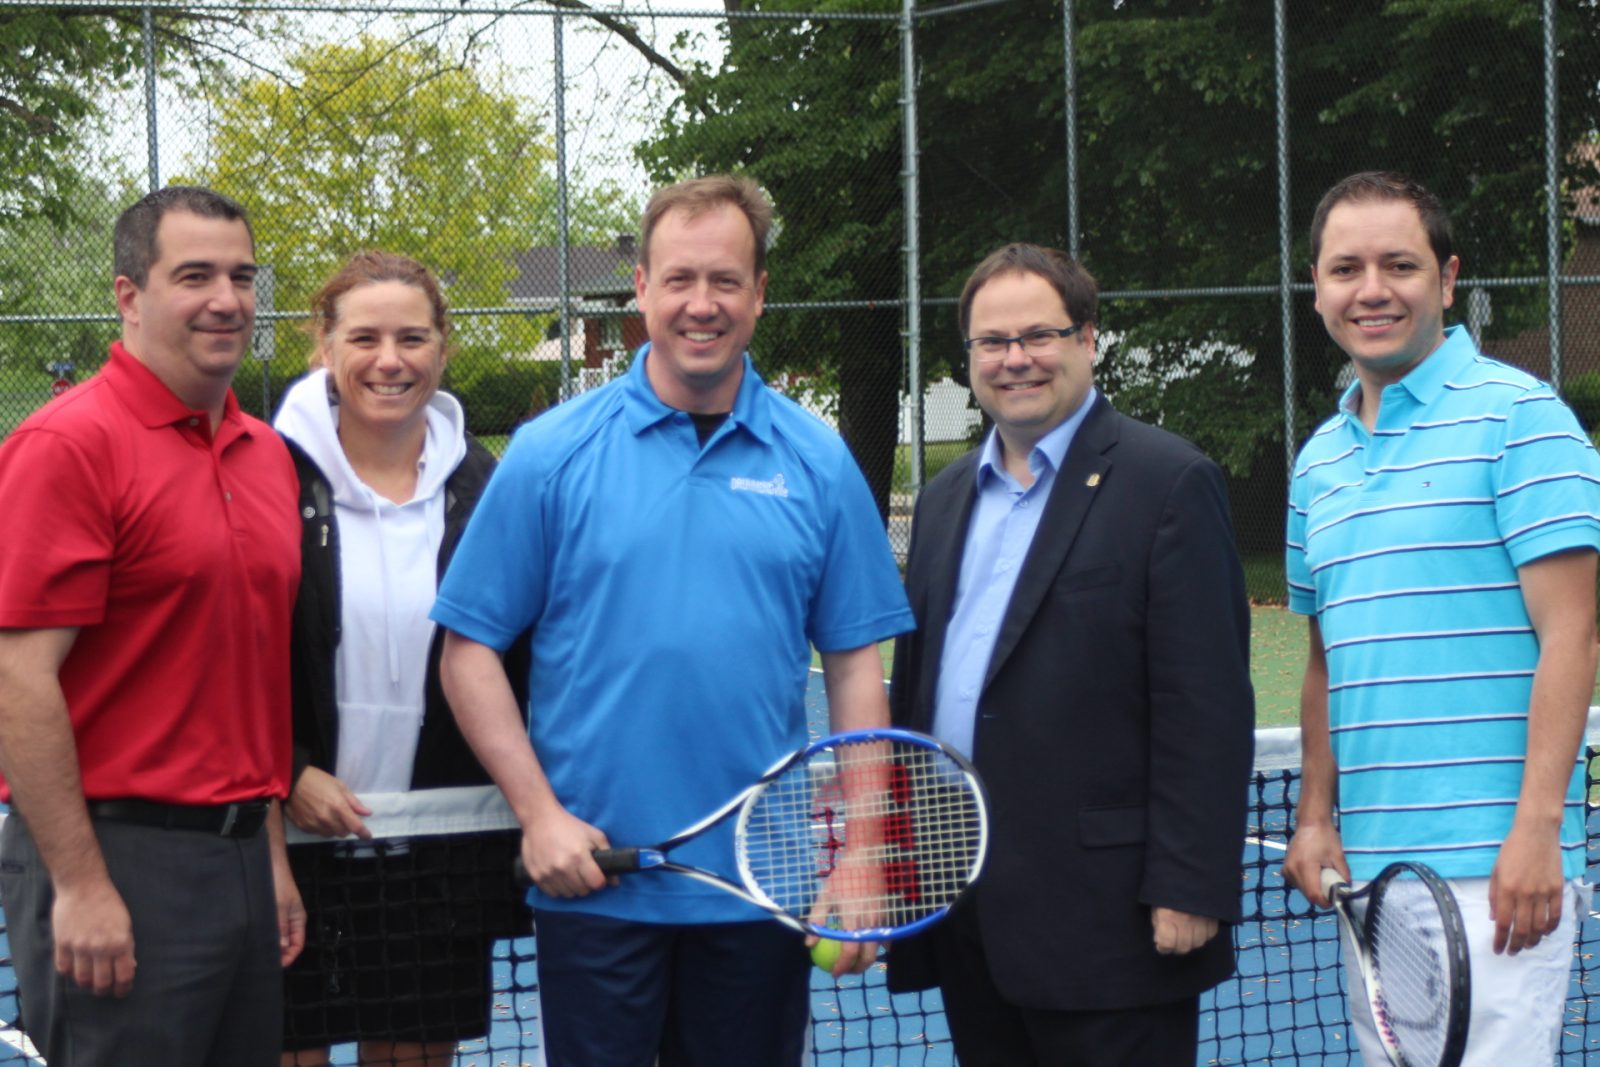 Tennis au parc Milette : des terrains accessibles sans réservation